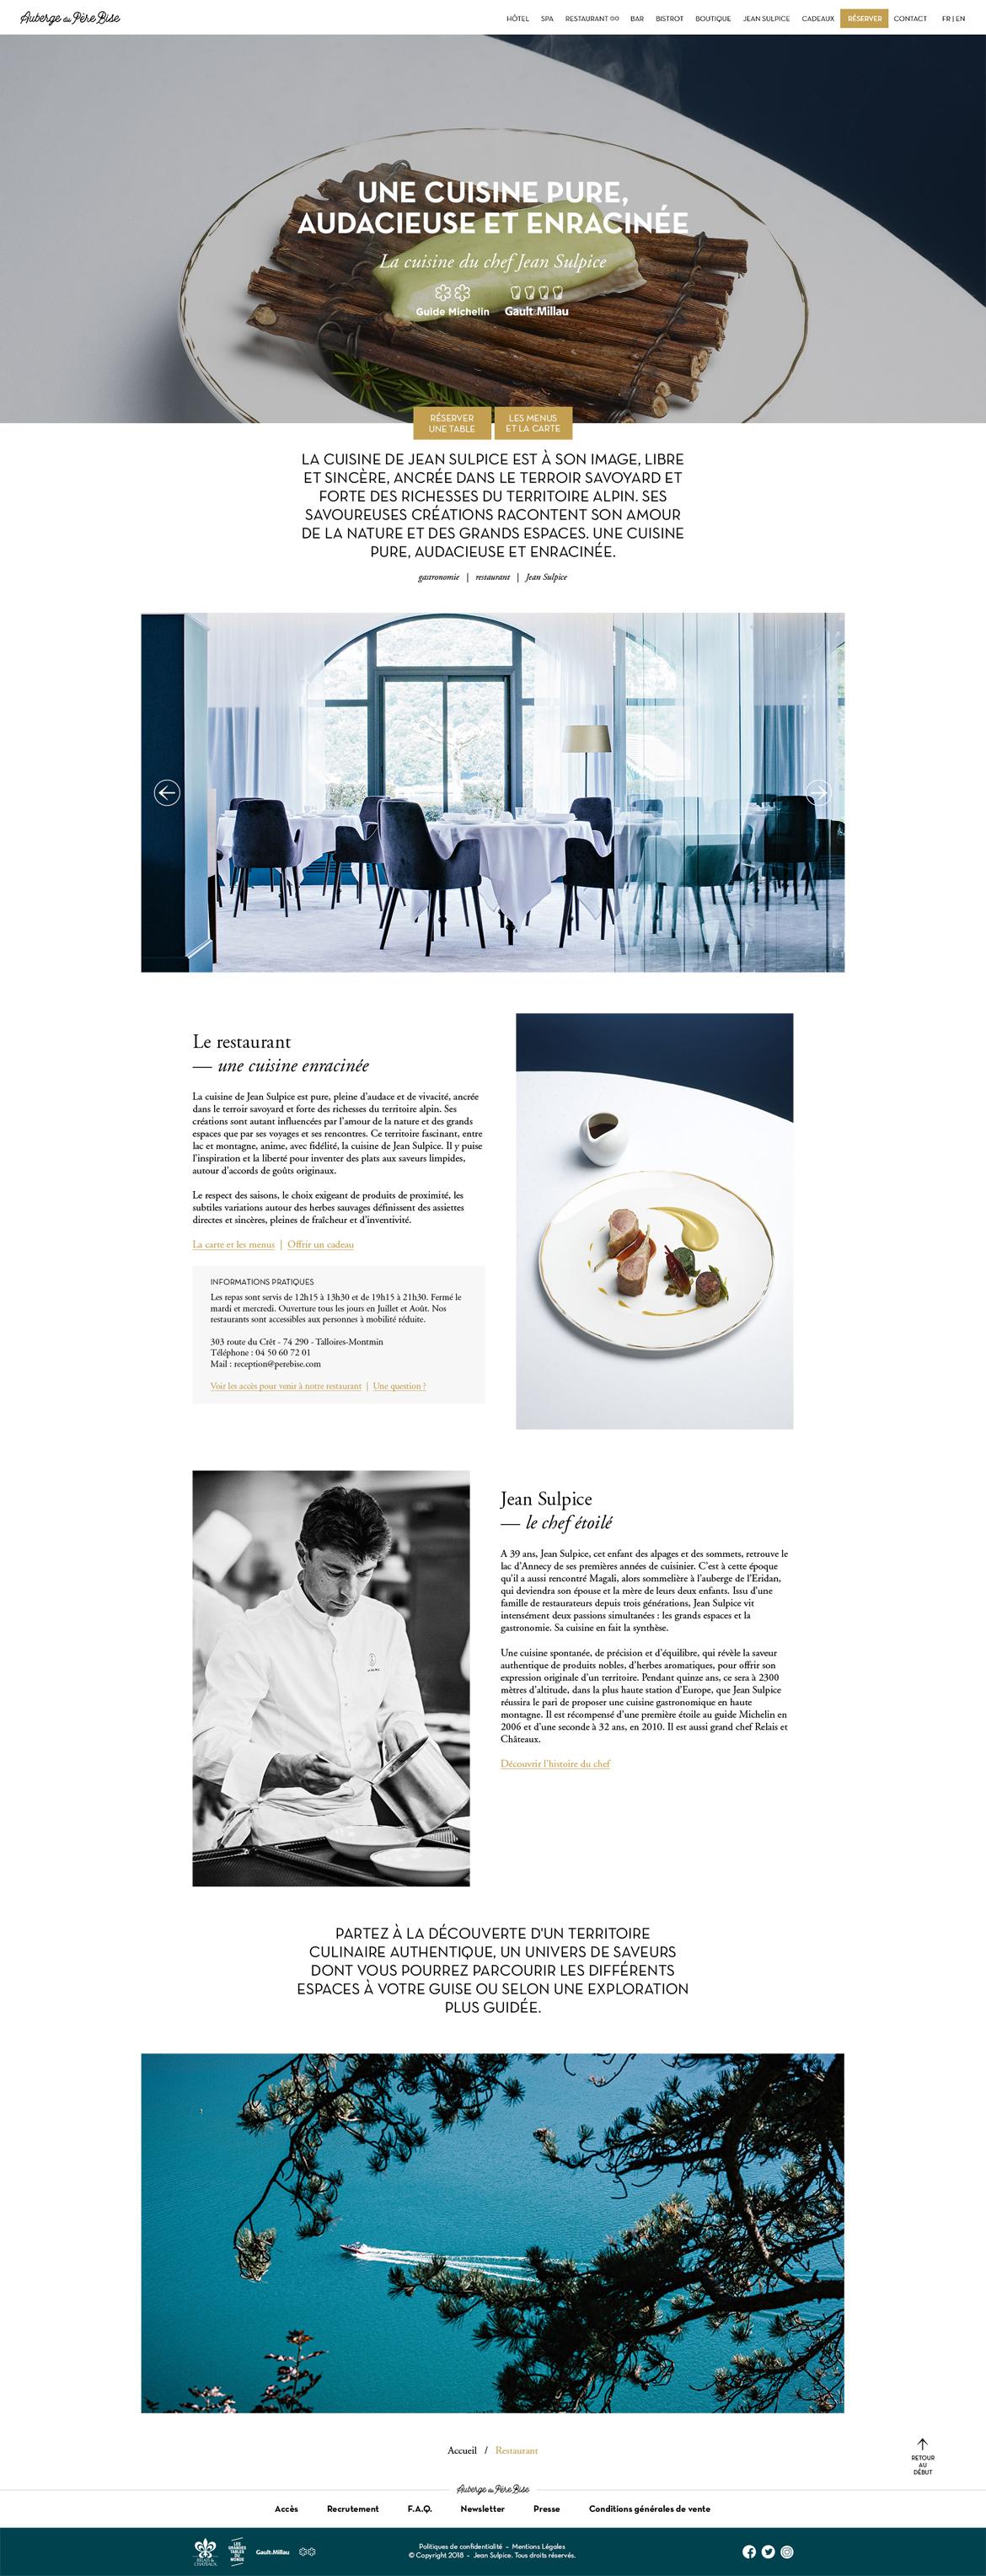 restaurant-design-auberge-pere-bise